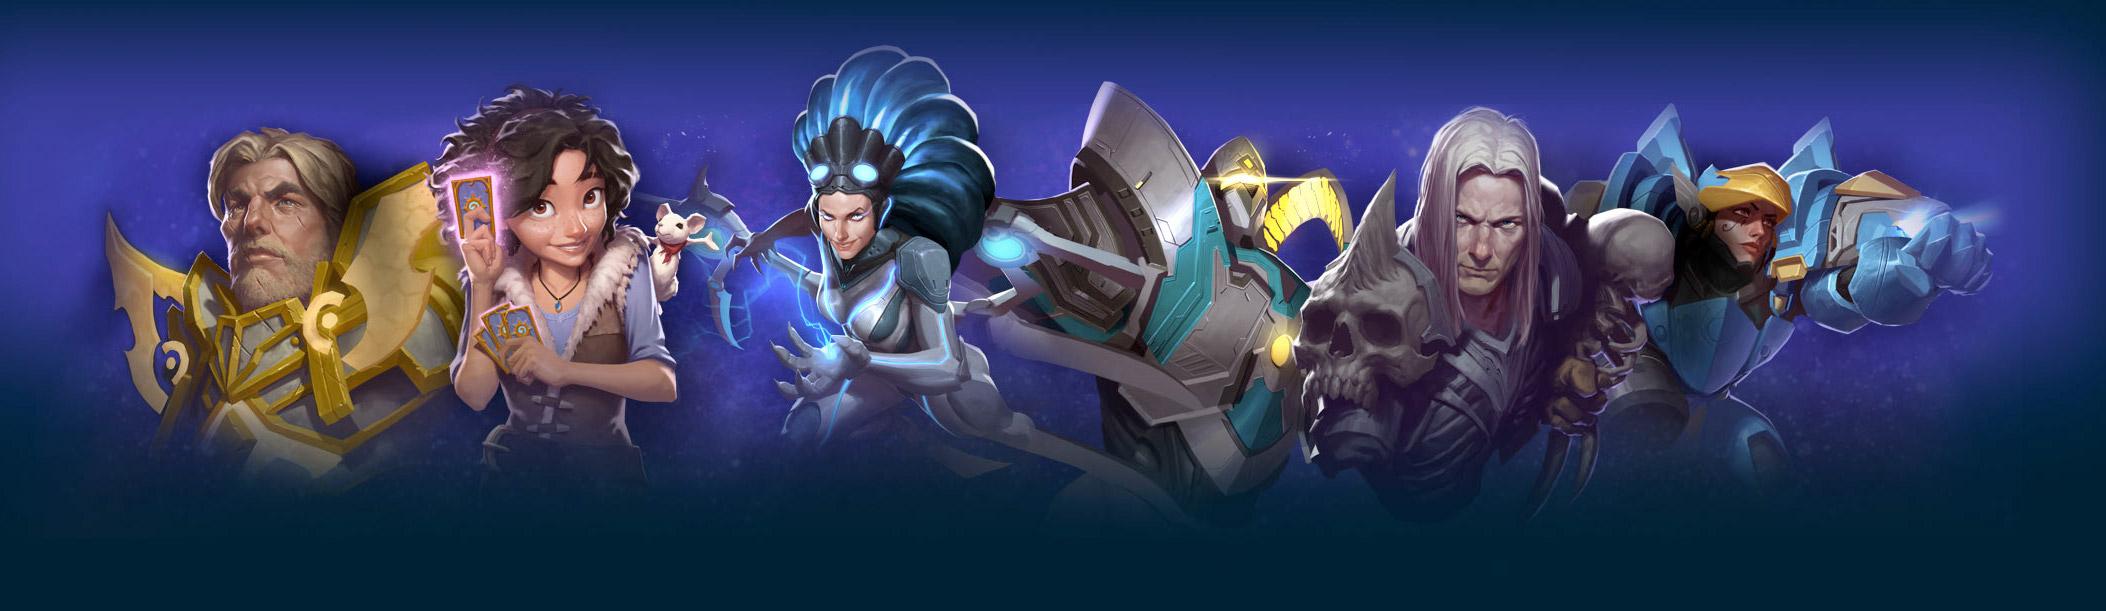 Le visuel officiel de Blizzard à la Gamescom 2017